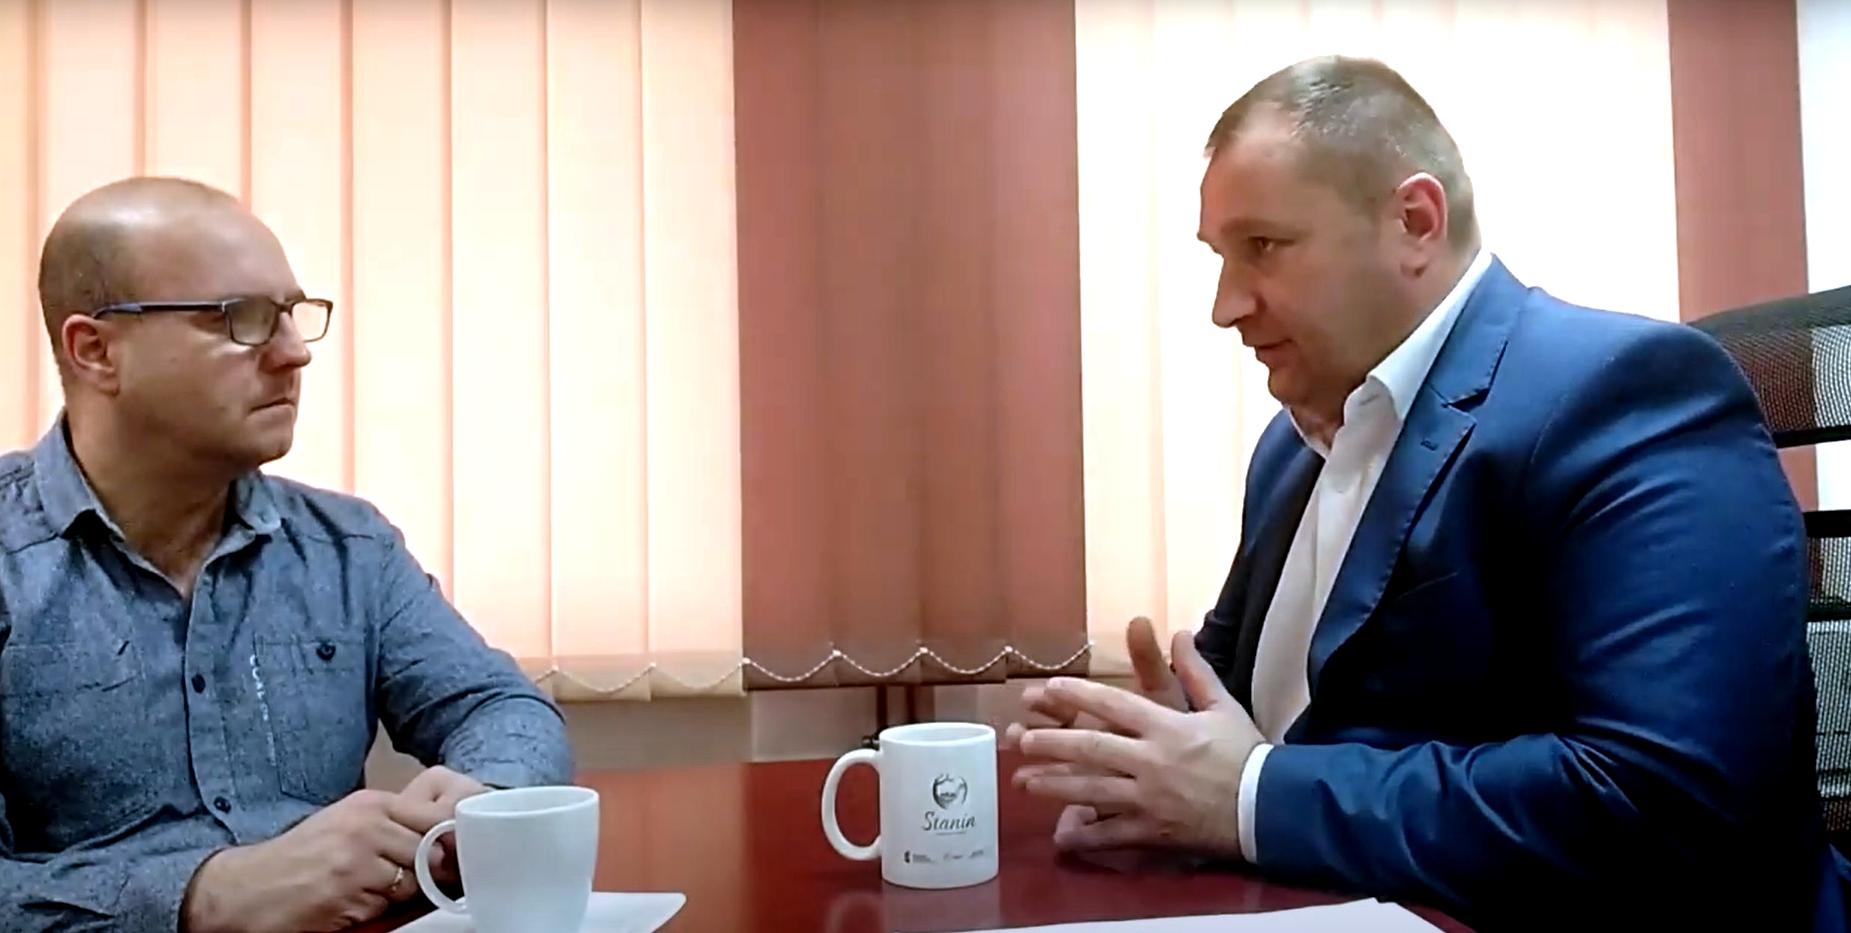 Stanin pozyskał w mijającym roku prawie 19 mln zł (WIDEO) - Zdjęcie główne